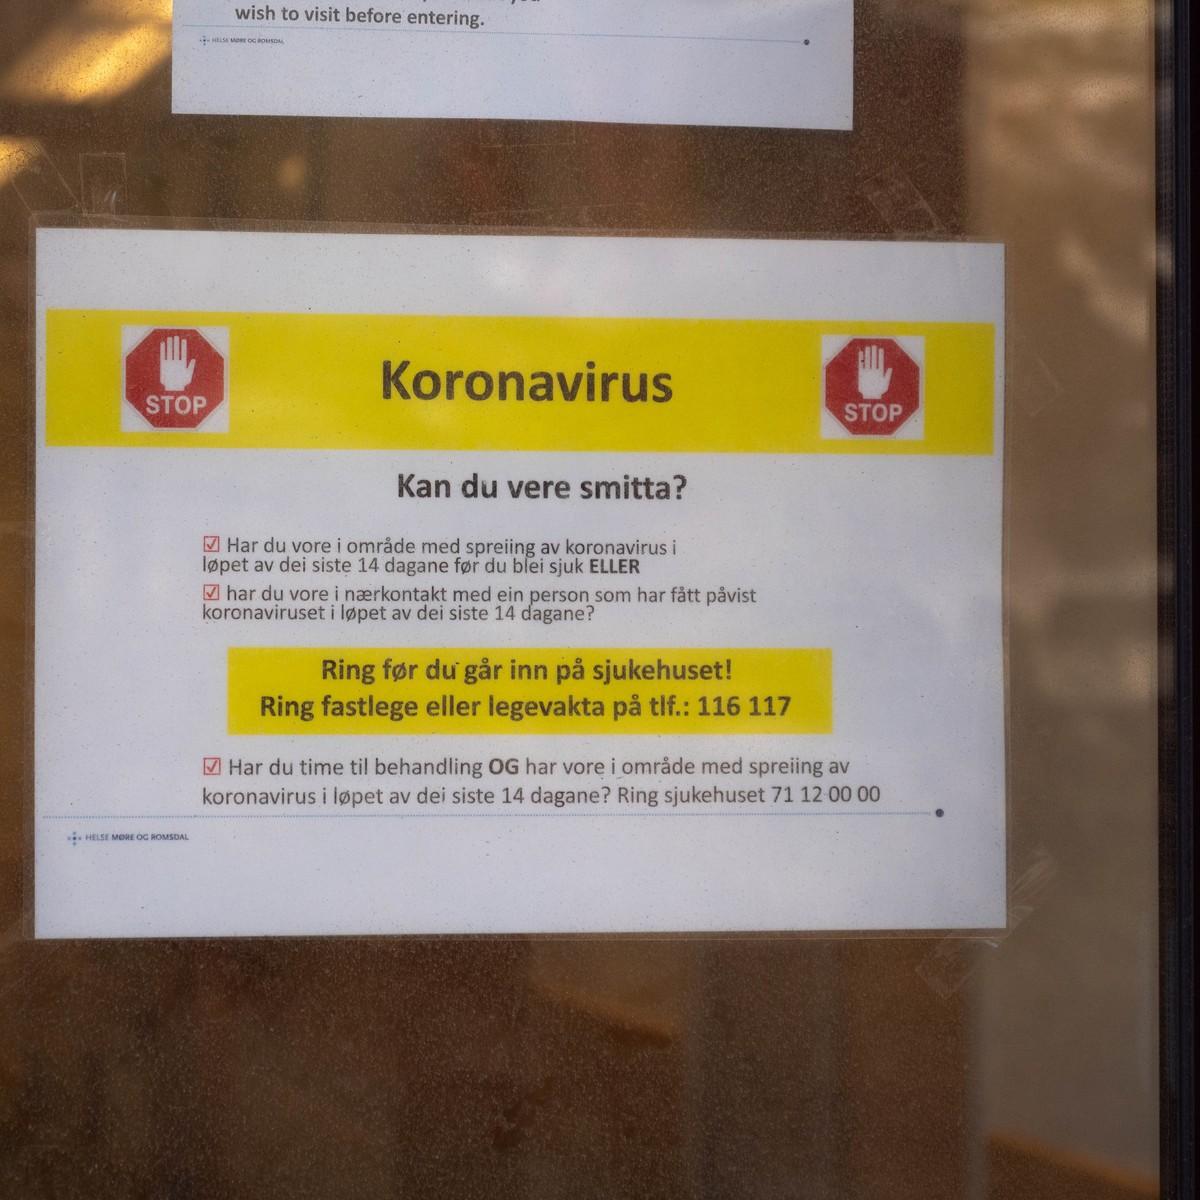 Fhi App Skal Lagre Info Om Dine Bevegelser I 30 Dager Nrk Norge Oversikt Over Nyheter Fra Ulike Deler Av Landet